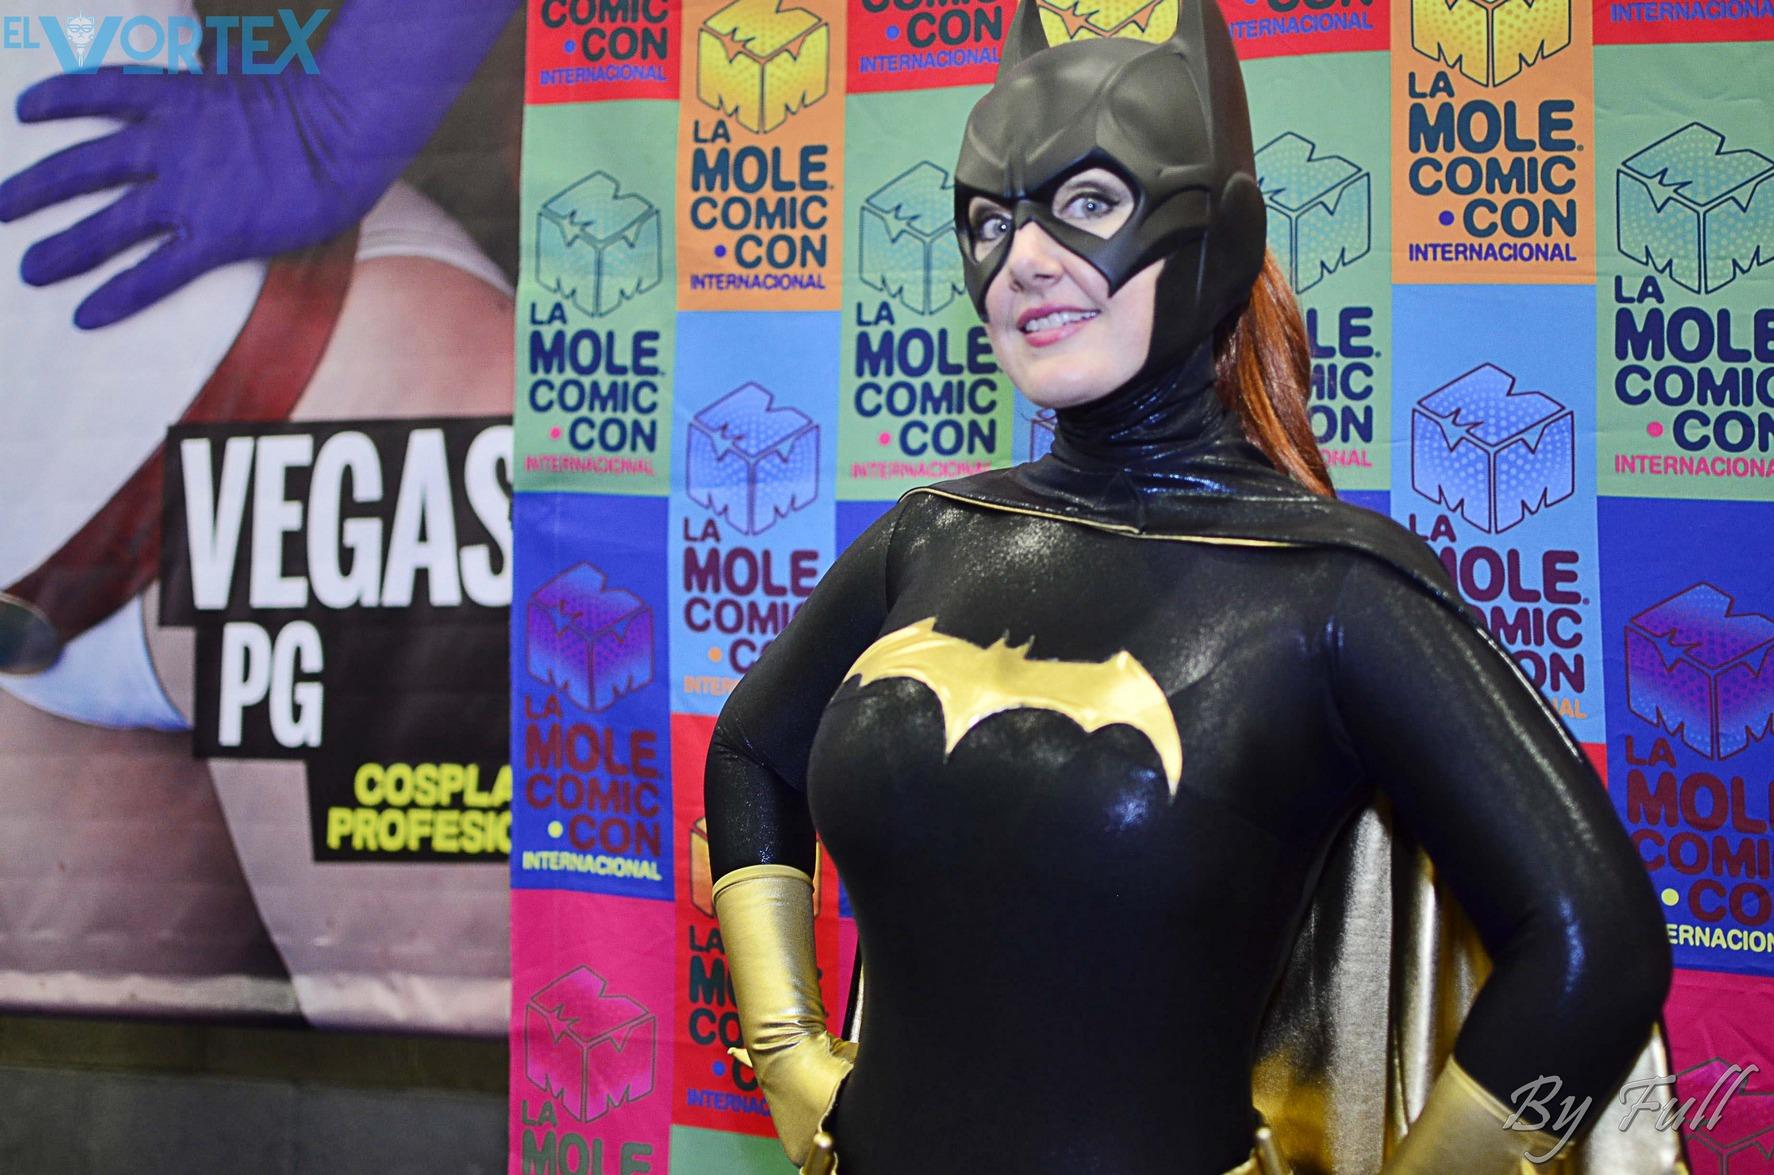 Expo Tnt Stands : Galería de fotos la mole comic con por full gundam